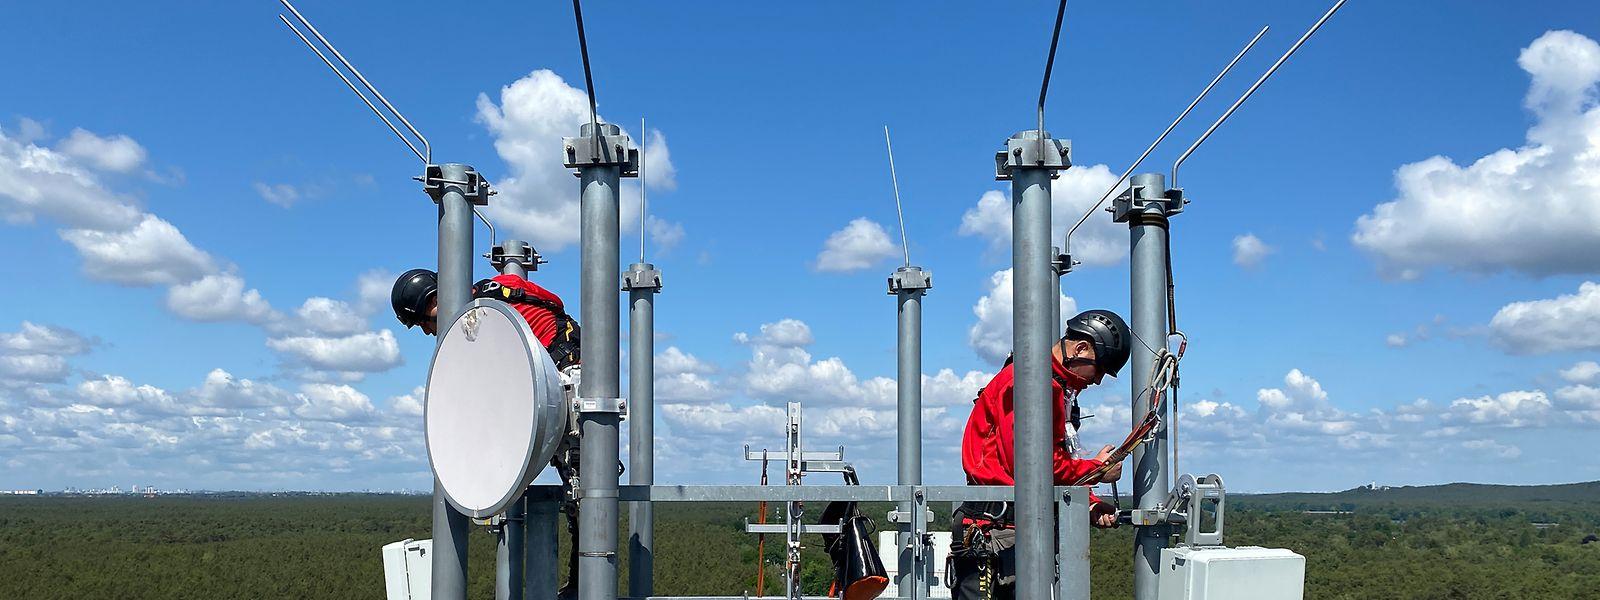 Im Nachbarland Deutschland geht es richtig los: Dort werden bereits die Antennen für das Mobilfunknetz der fünften Generation auf Funkmasten montiert.